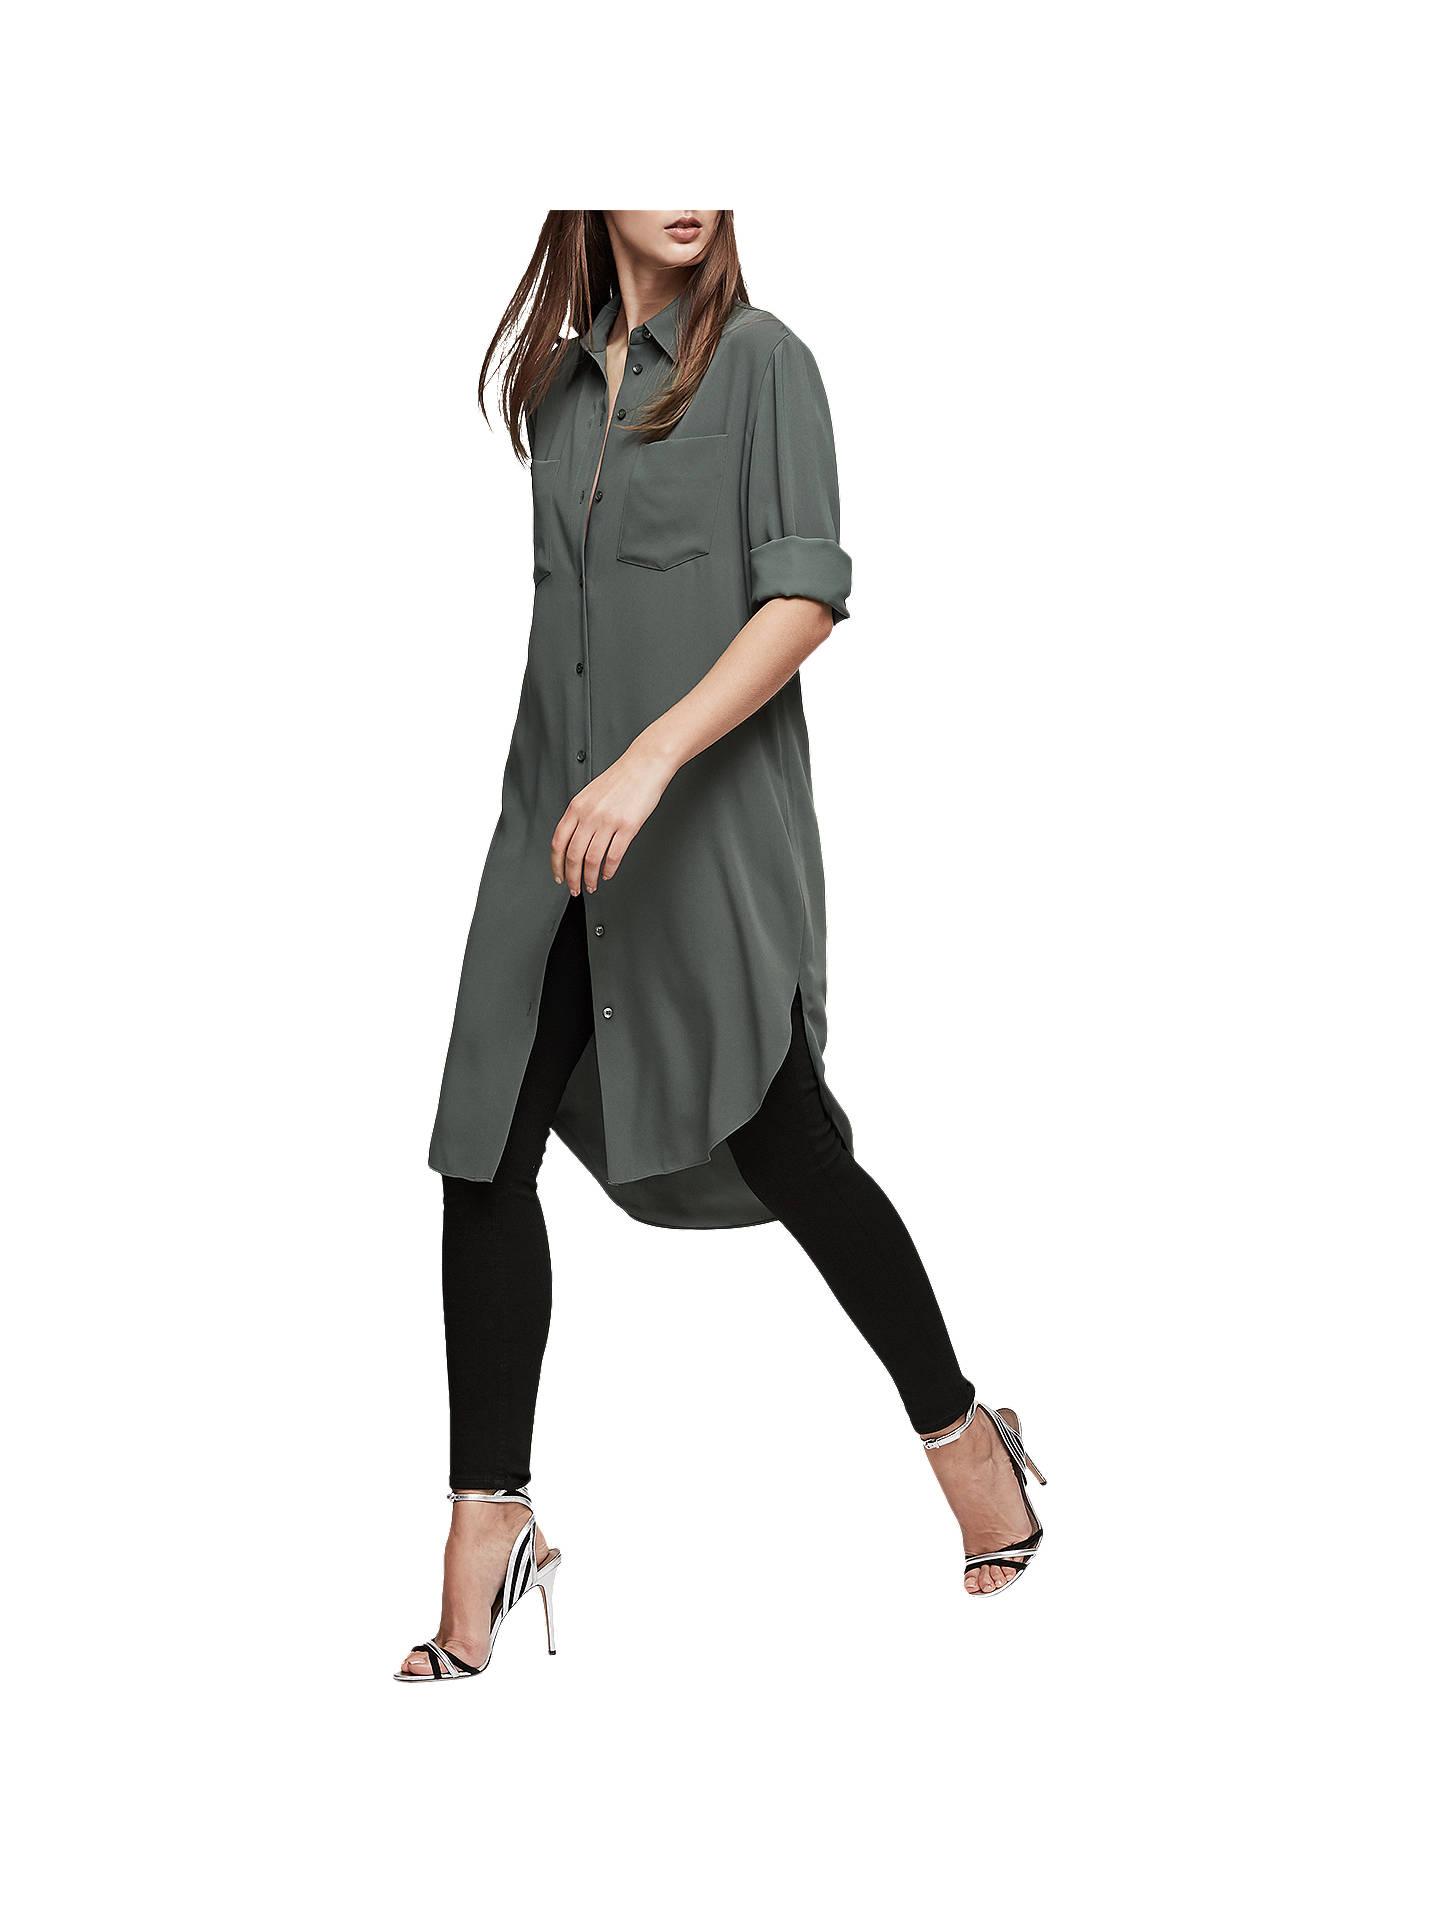 Reiss Zoey Shirt Dress, Juniper at John Lewis & Partners